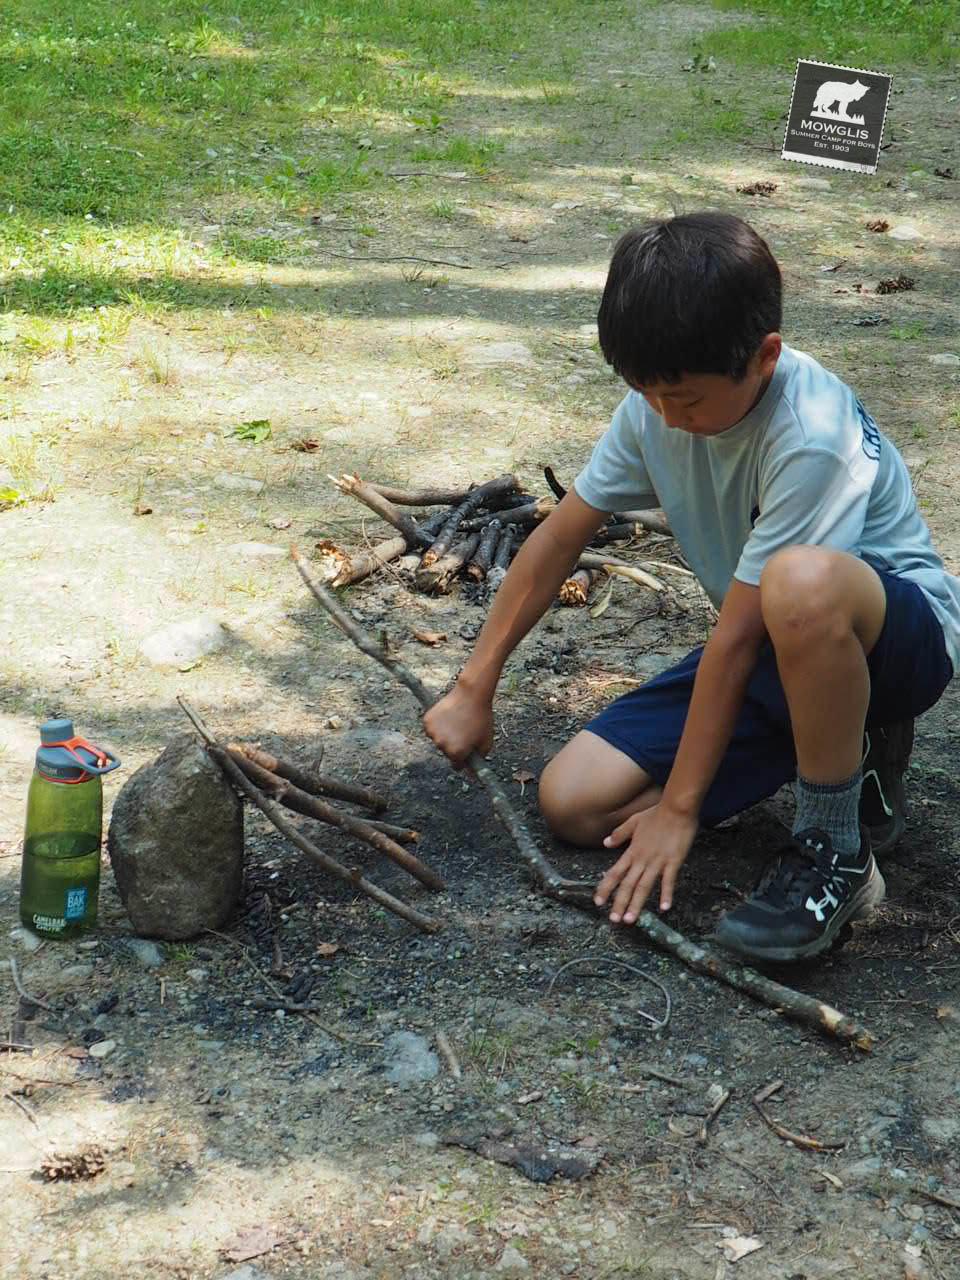 Camp Mowglis image 6